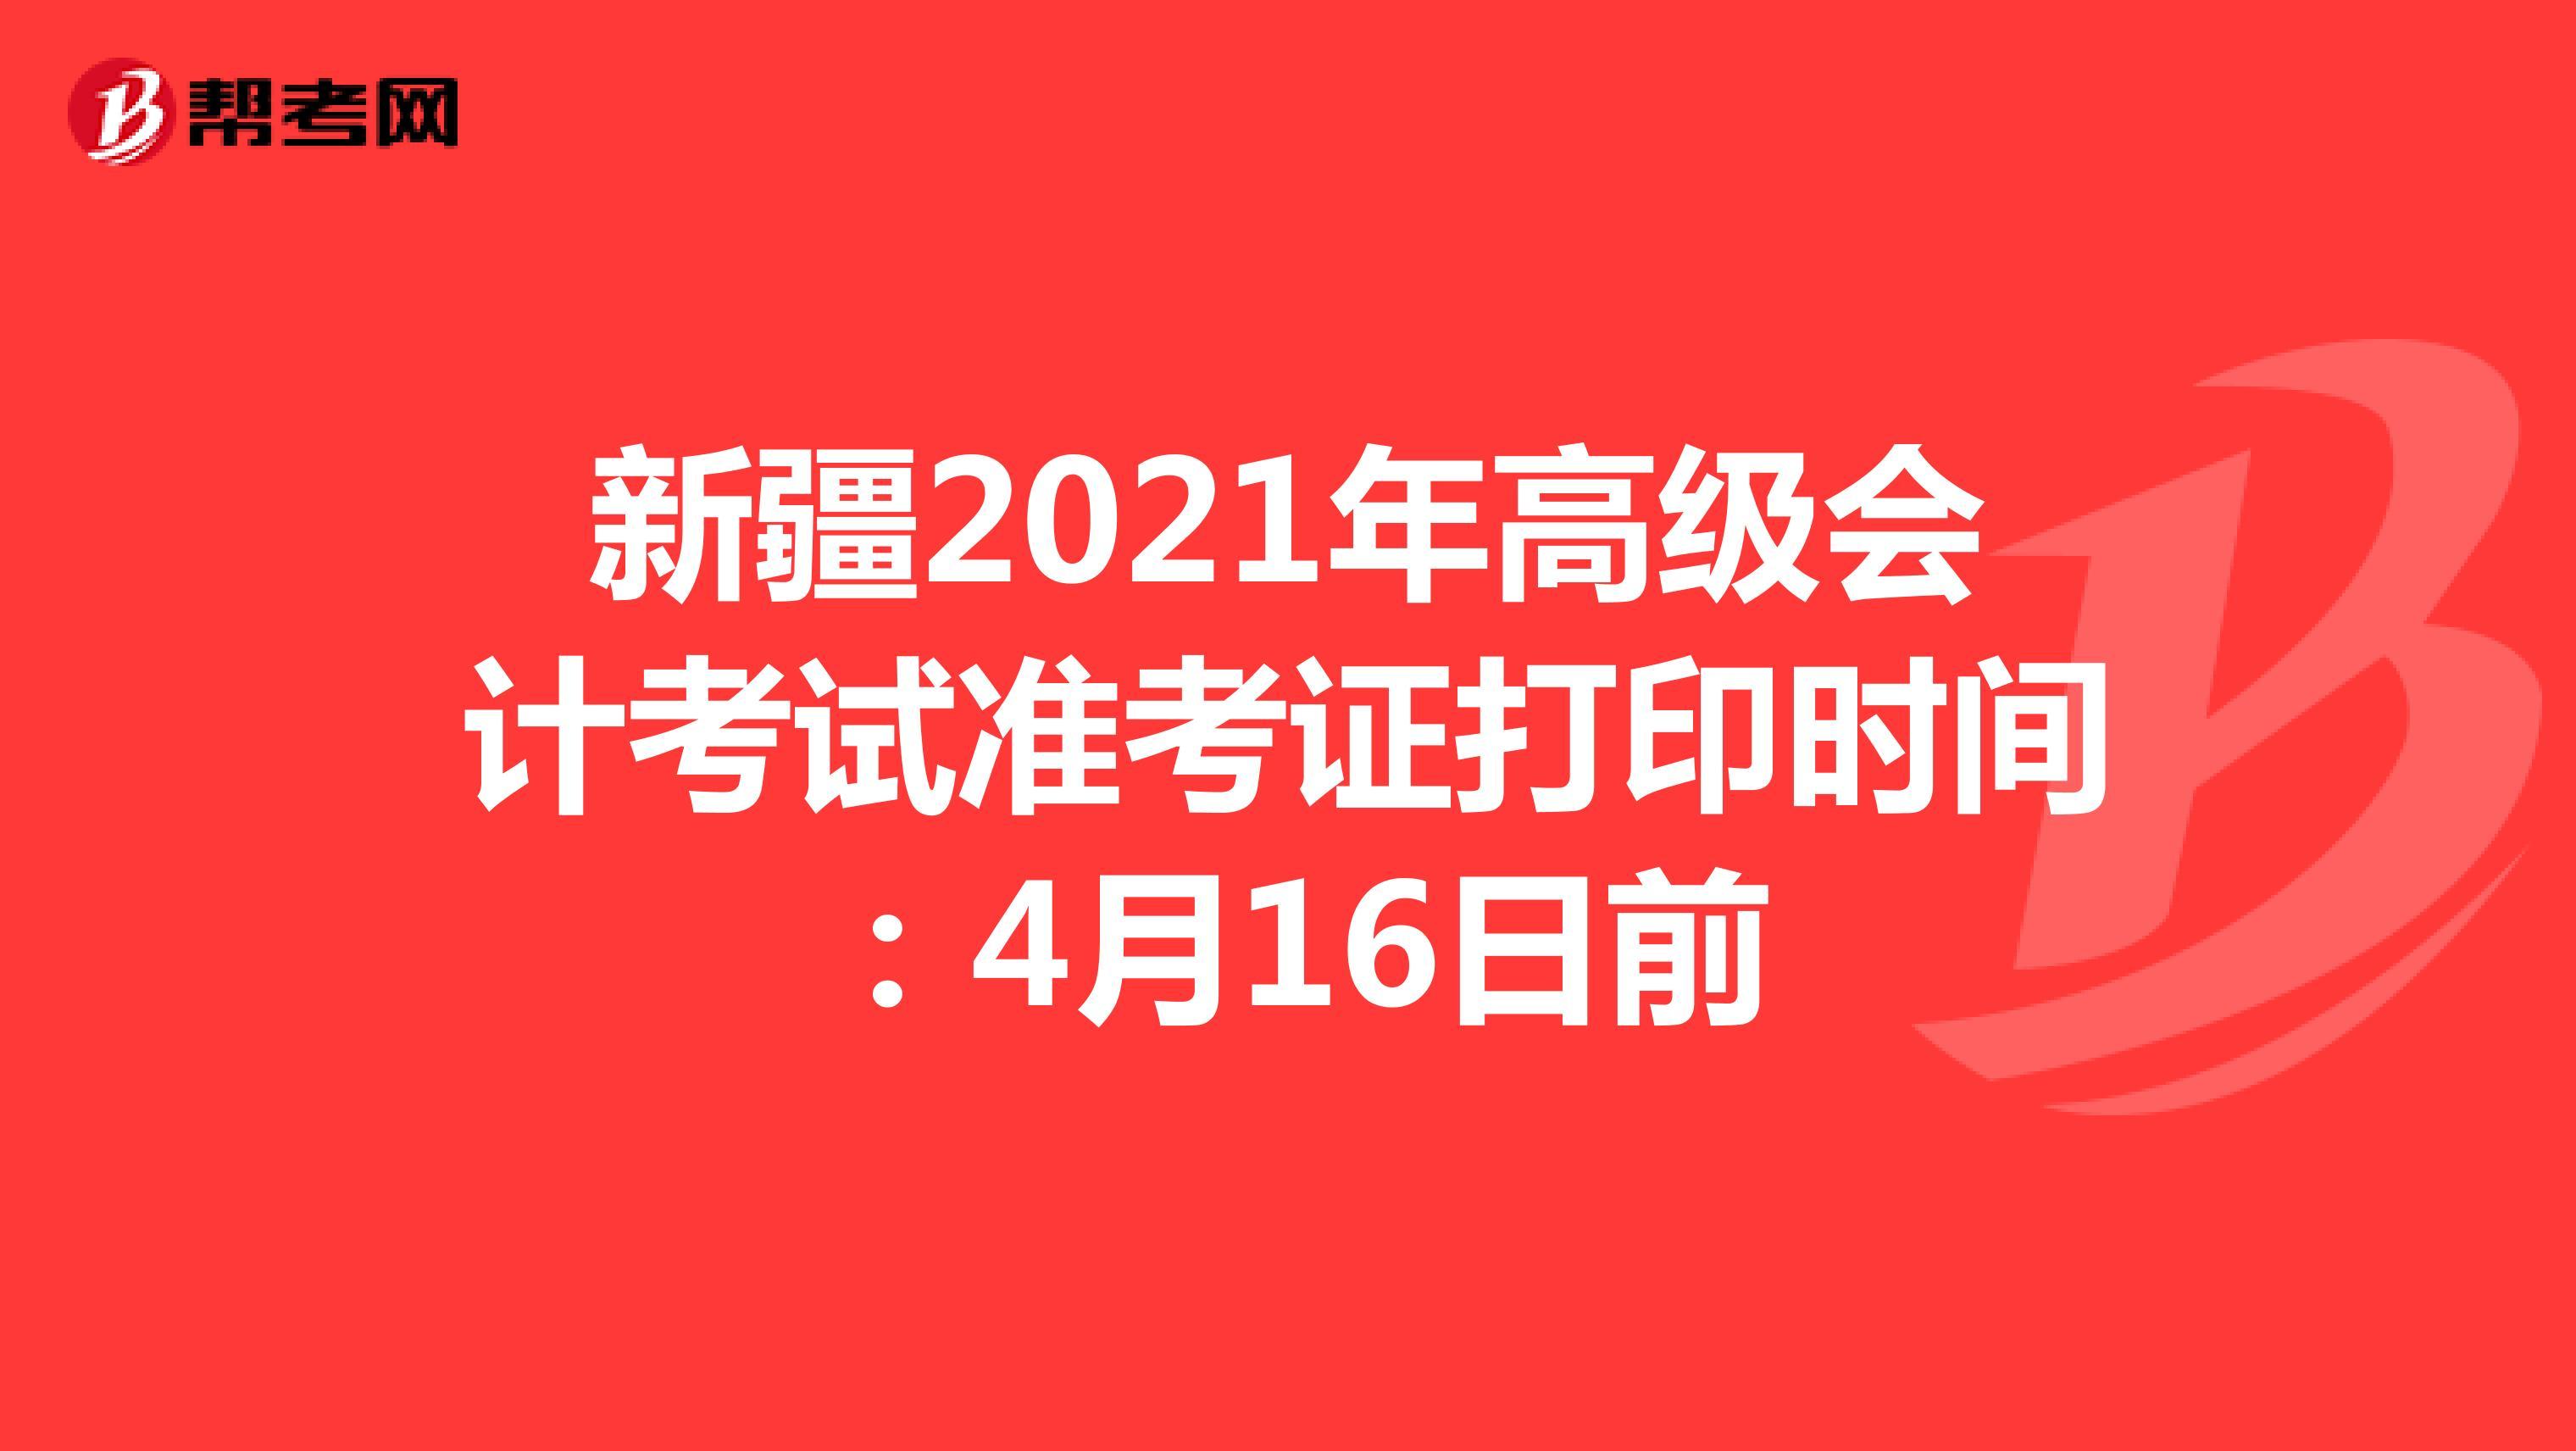 新疆2021年高级会计考试准考证打印时间:4月16日前